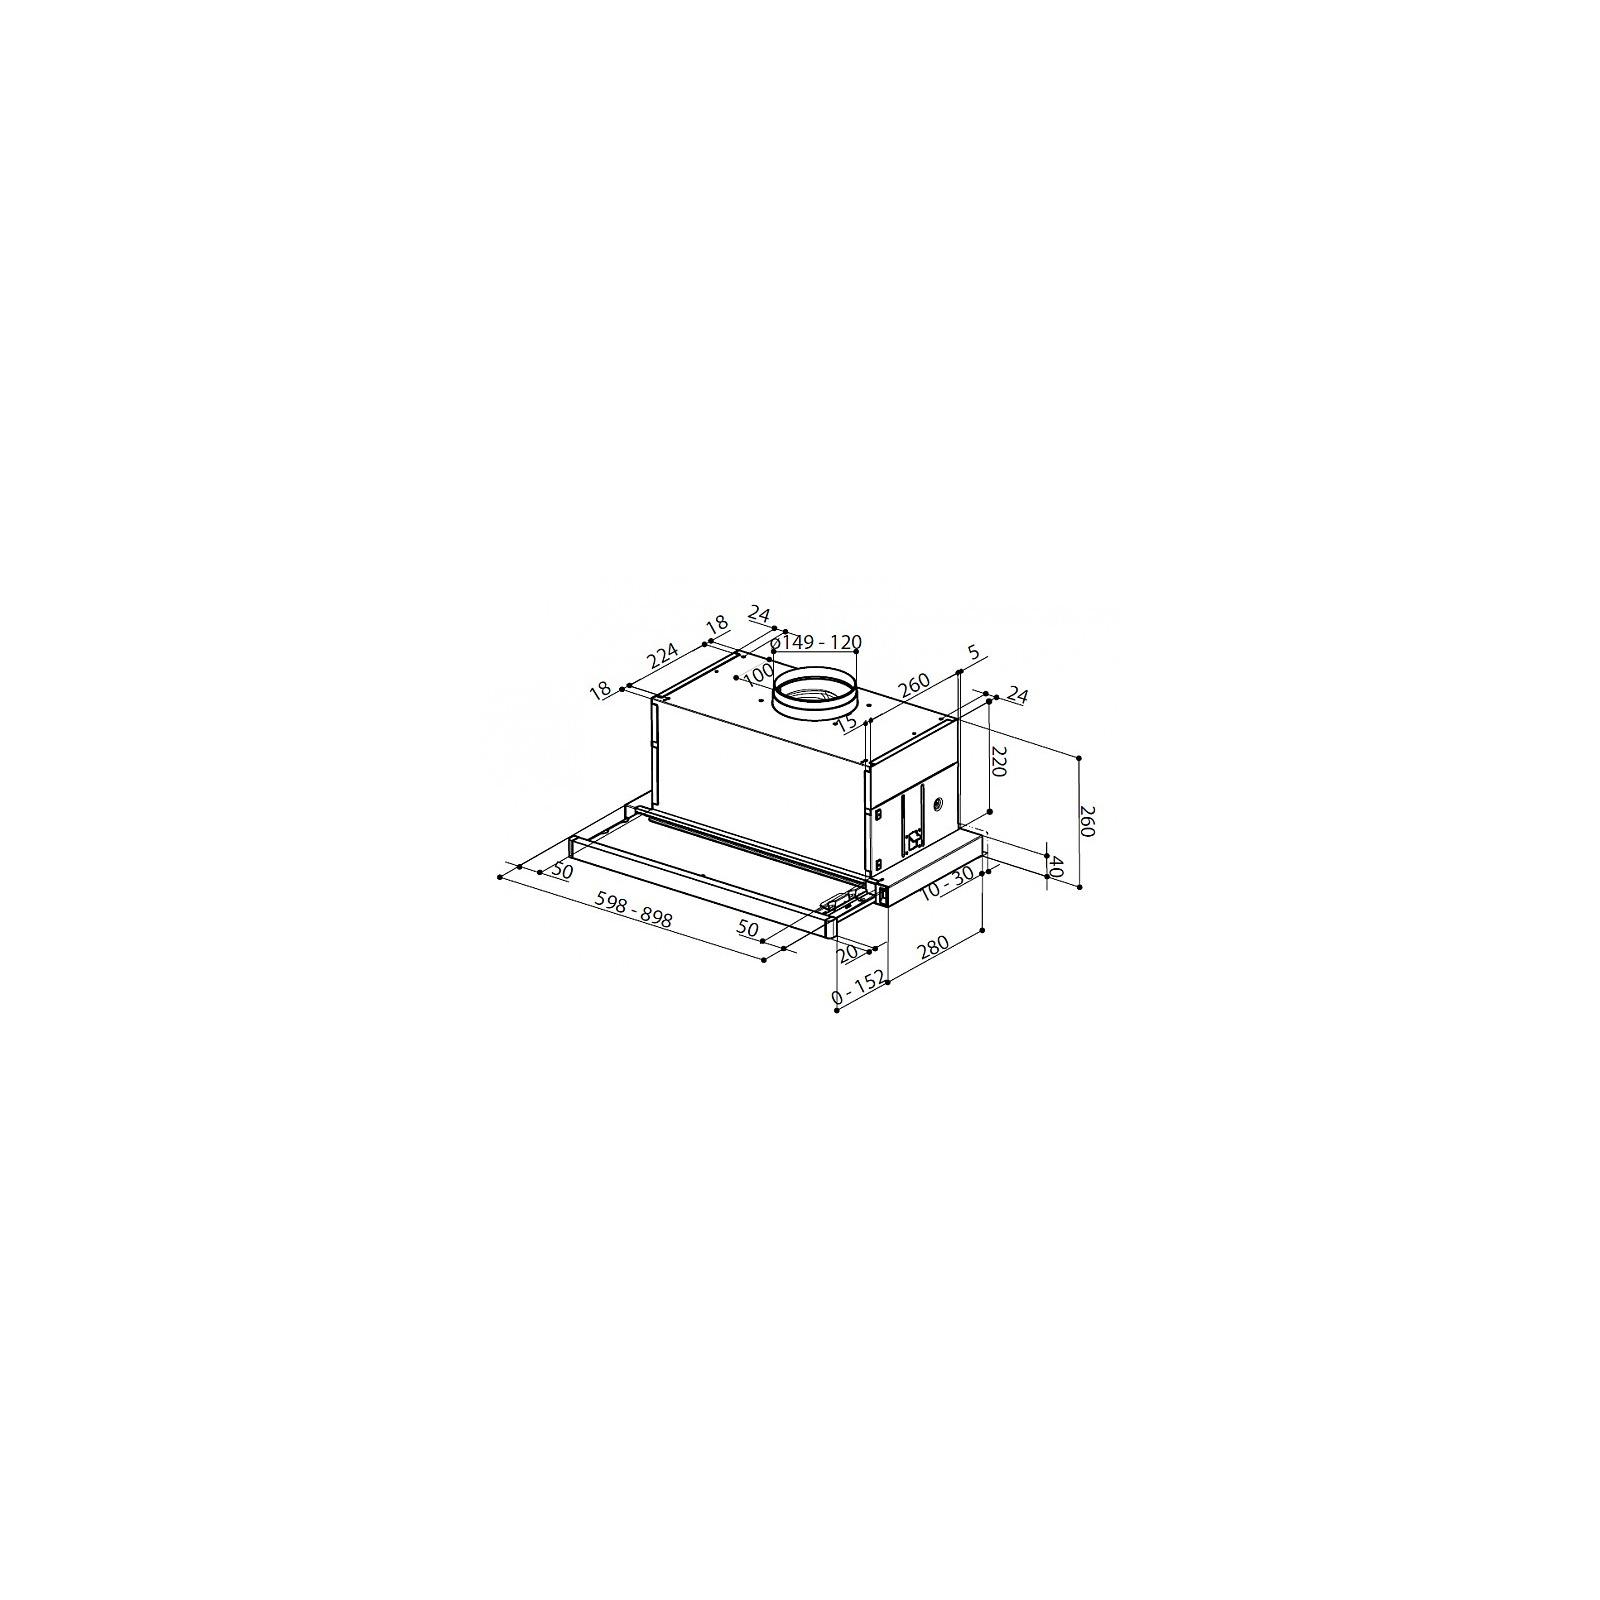 Вытяжка кухонная Faber MAXIMA EG8 AM/X A90 FB EXP изображение 2